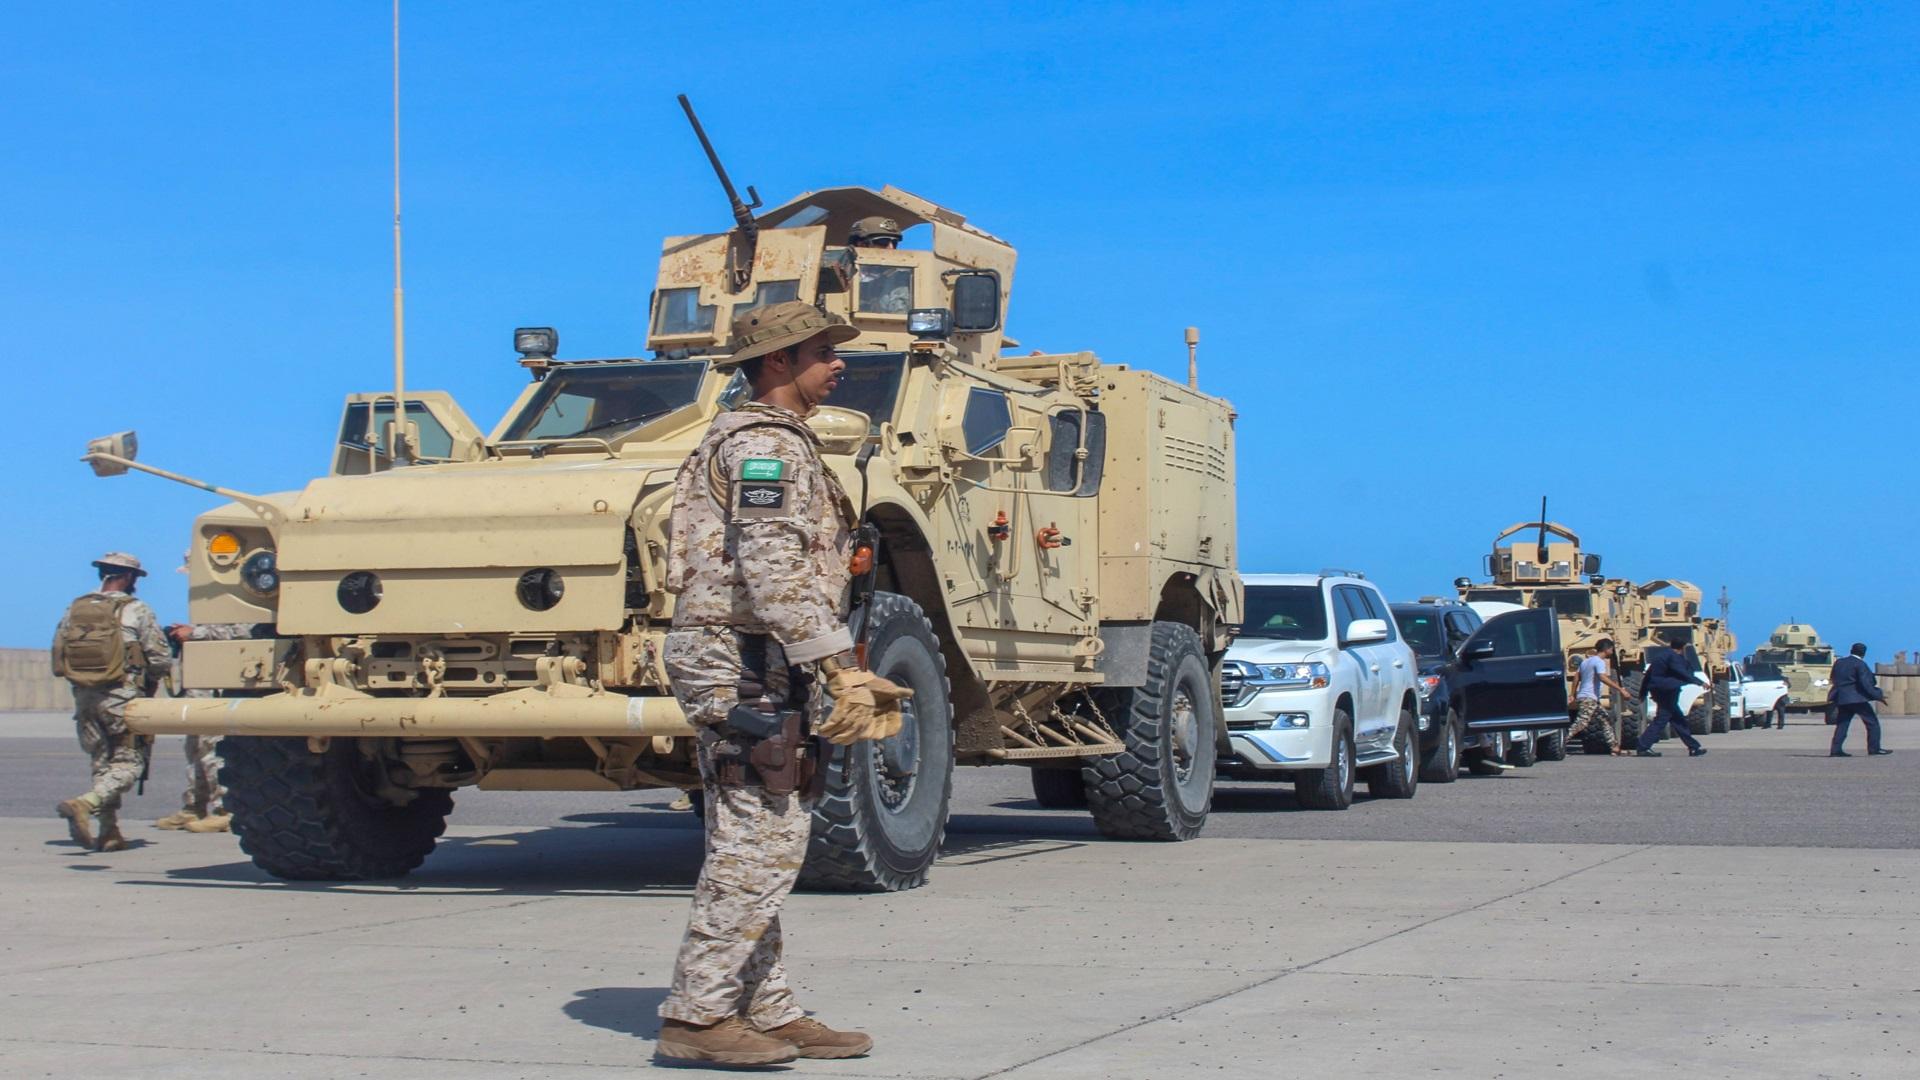 خبير دولي: هكذا ستنتهي الحرب الباردة بين السعودية والإمارات في اليمن